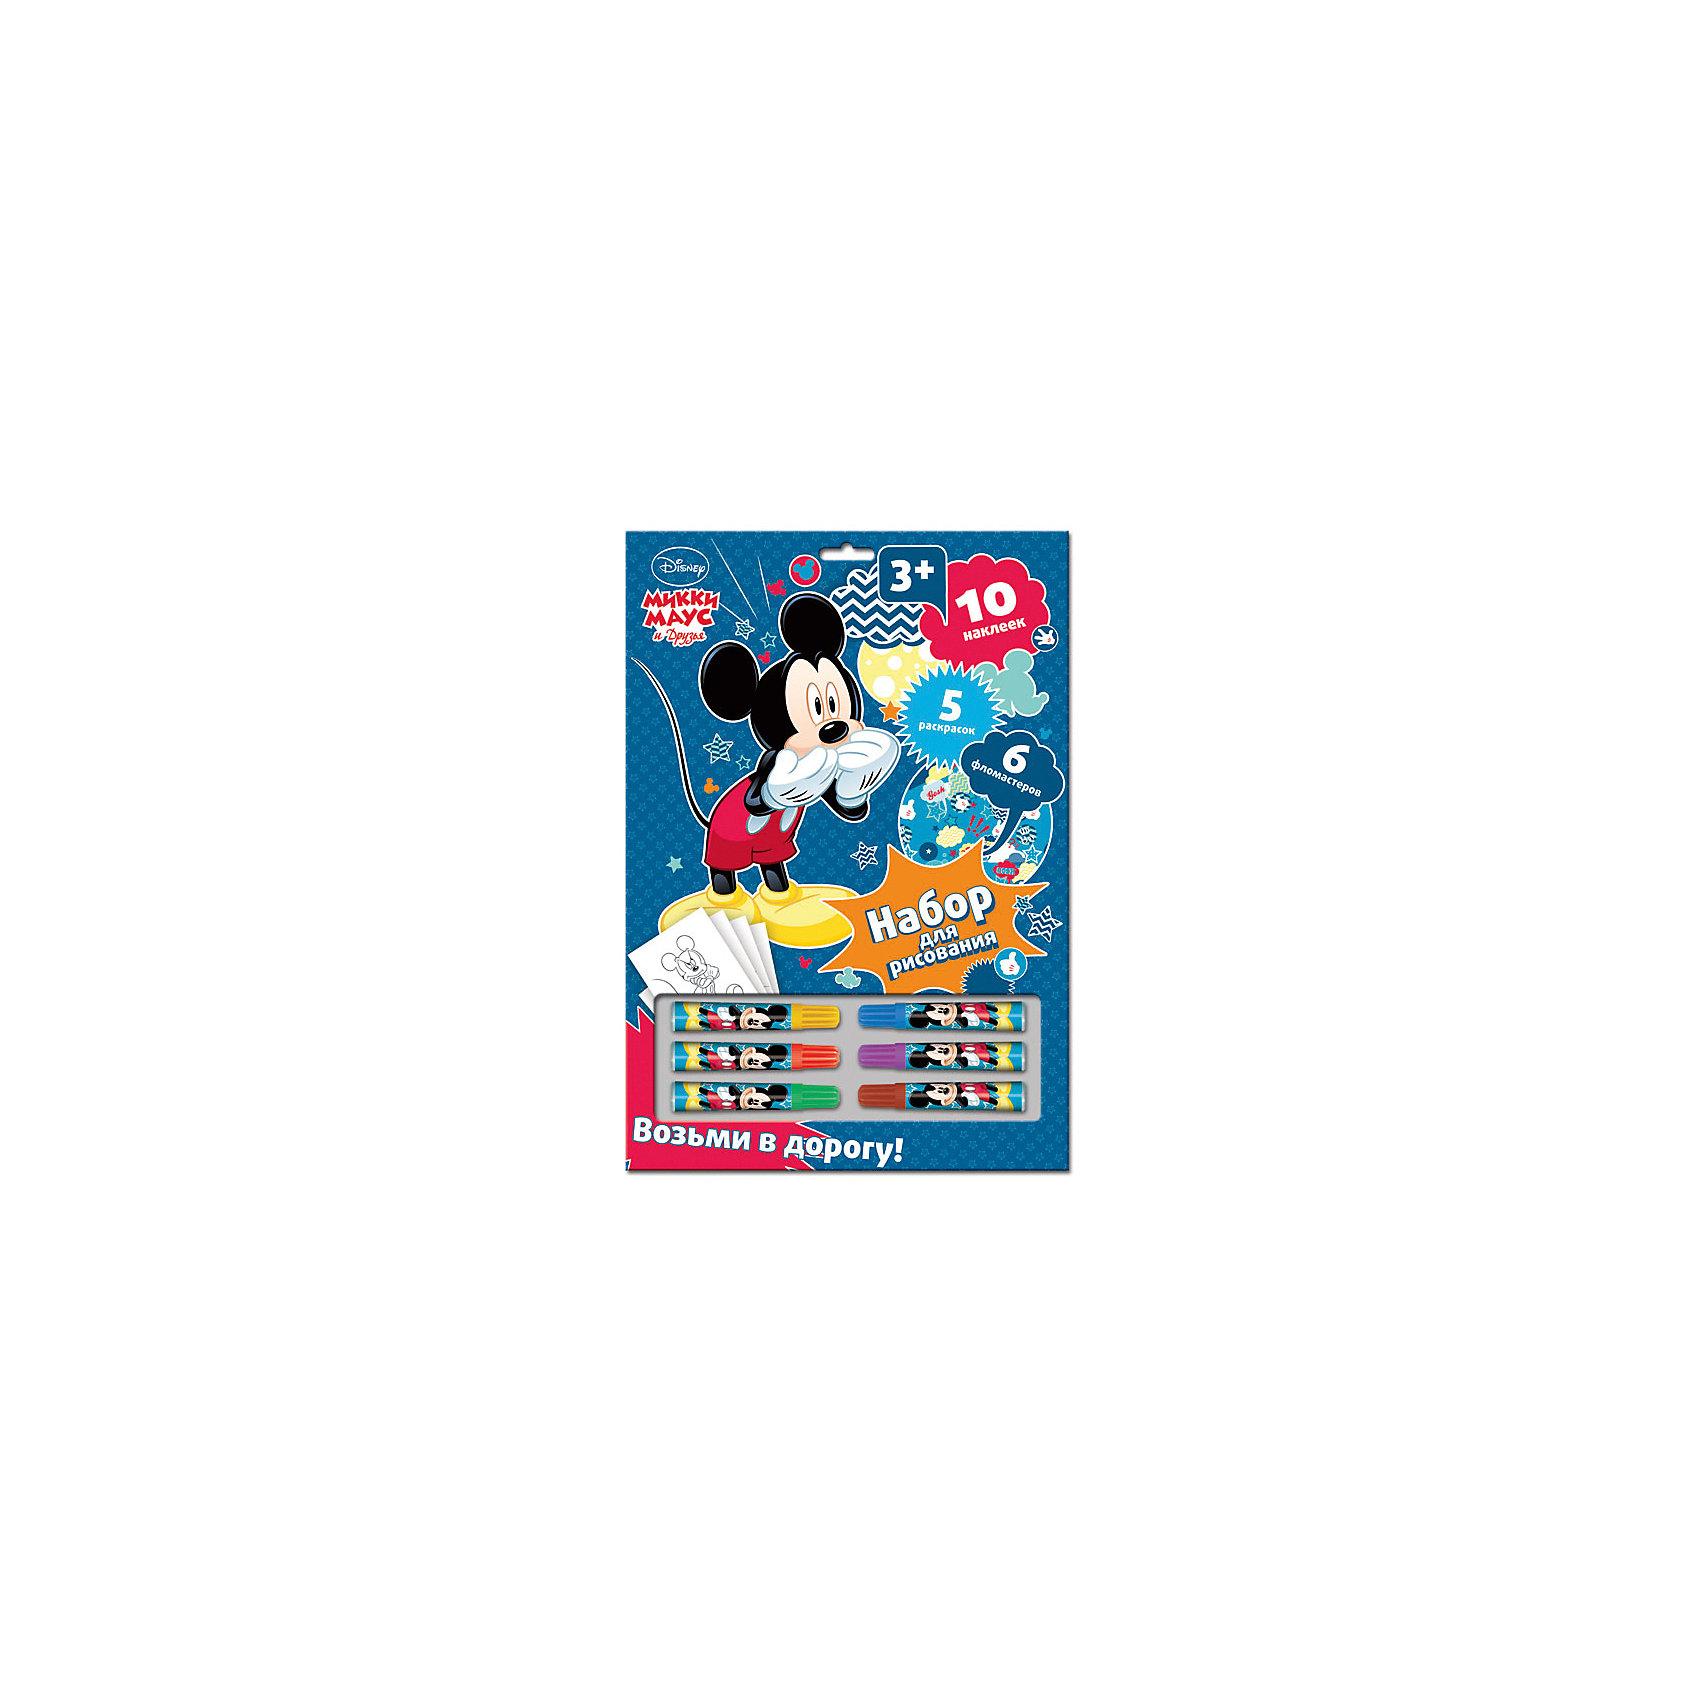 Набор для рисования с раскрасками и наклейками, Микки Маус